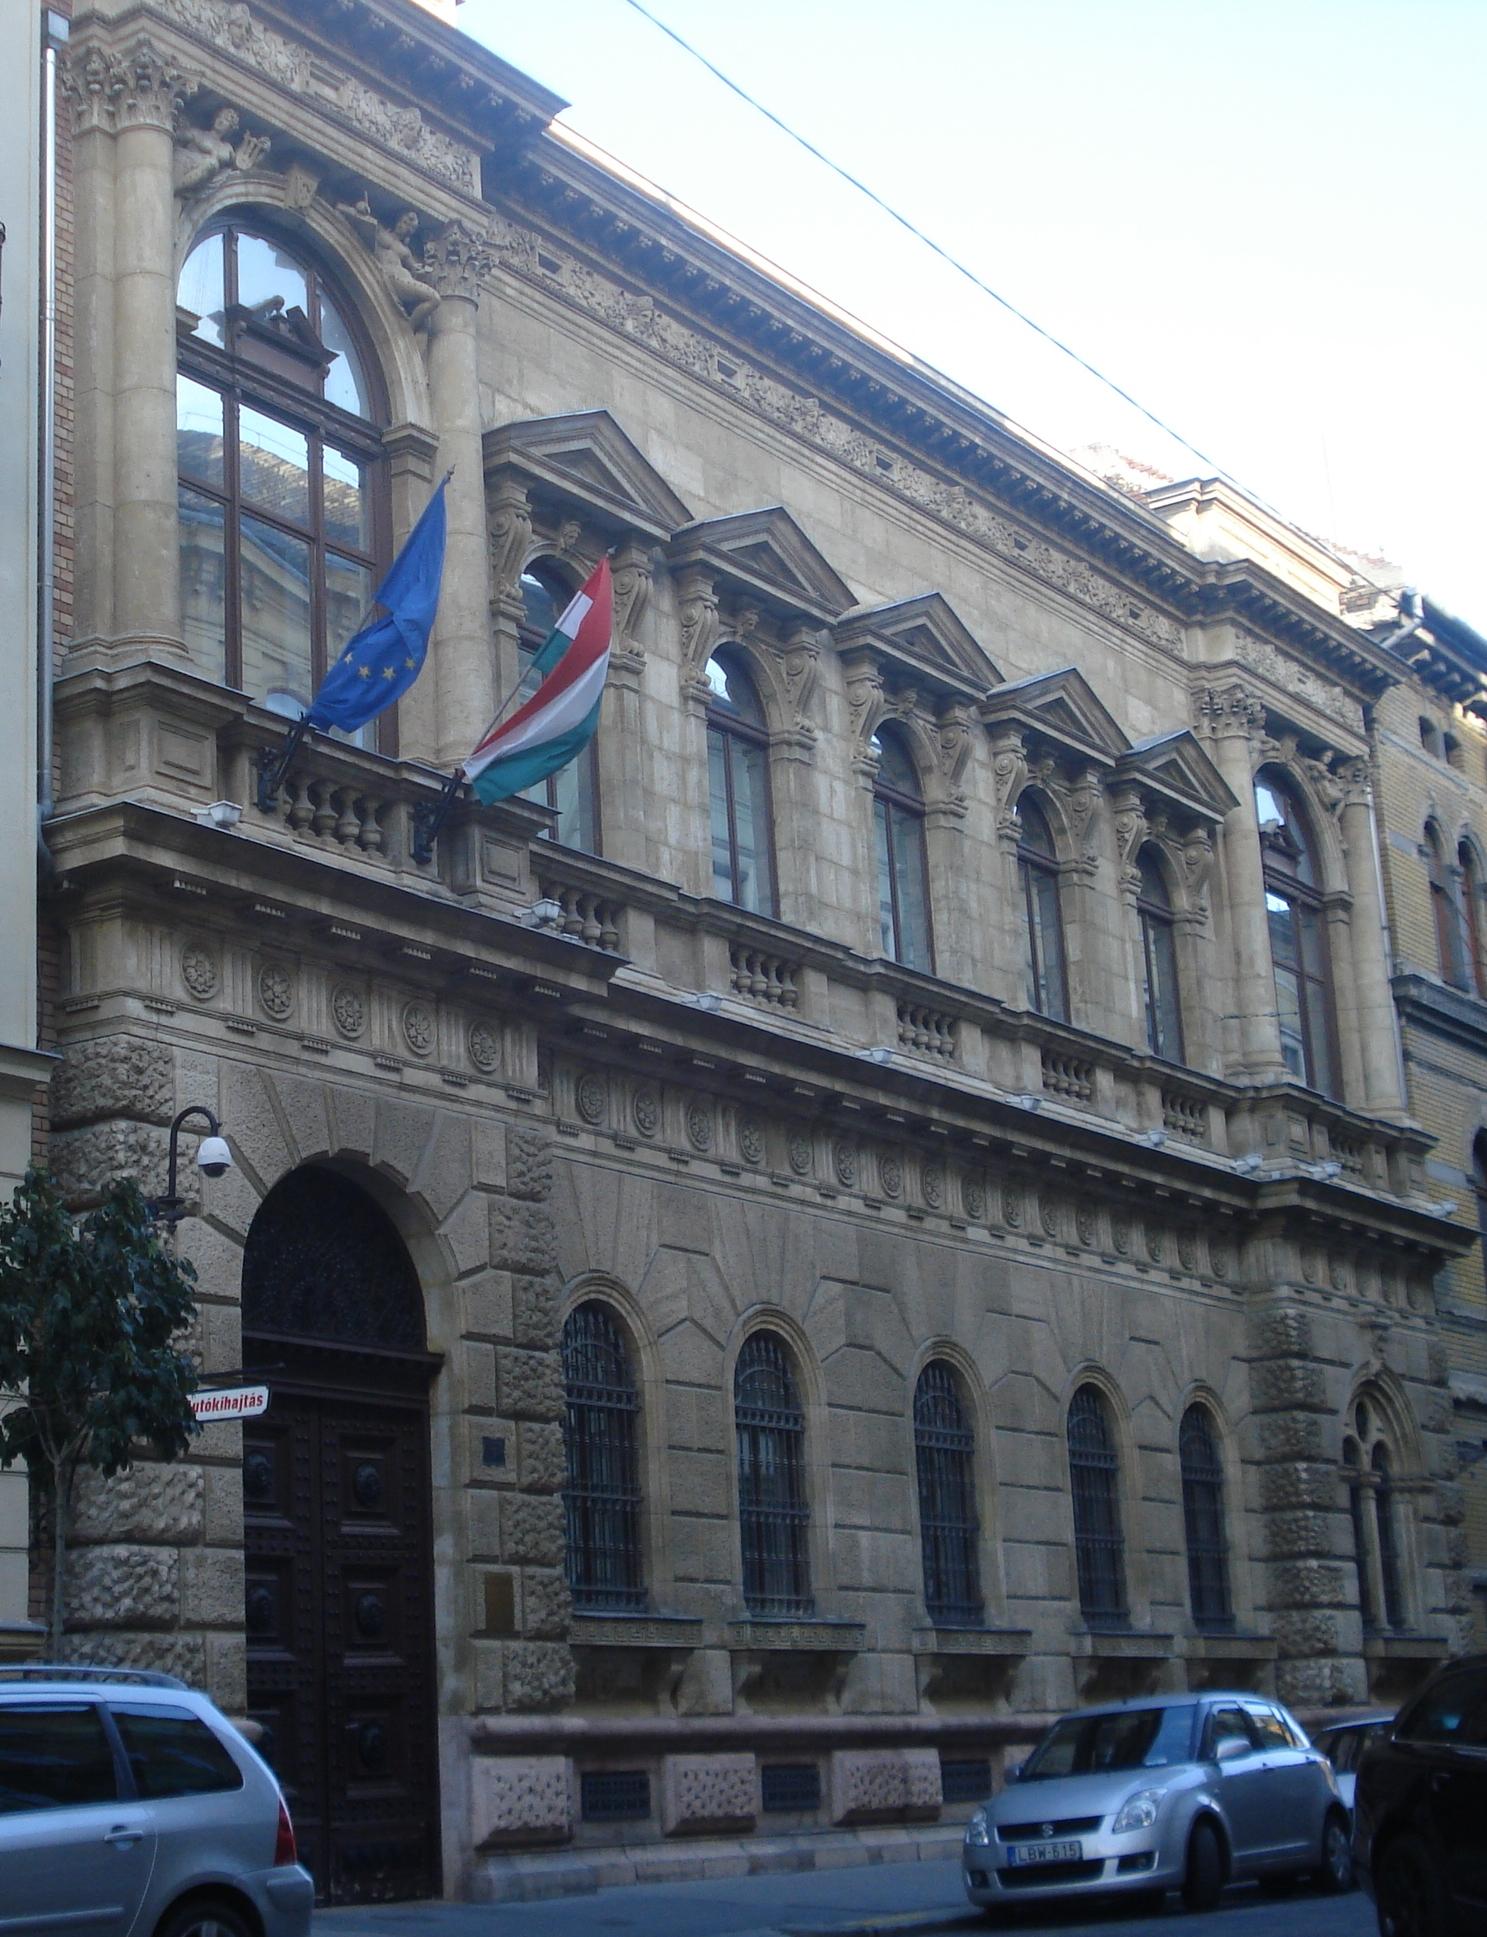 File:Budapest, VI. kerület, Eötvös utca 7. (731. számú